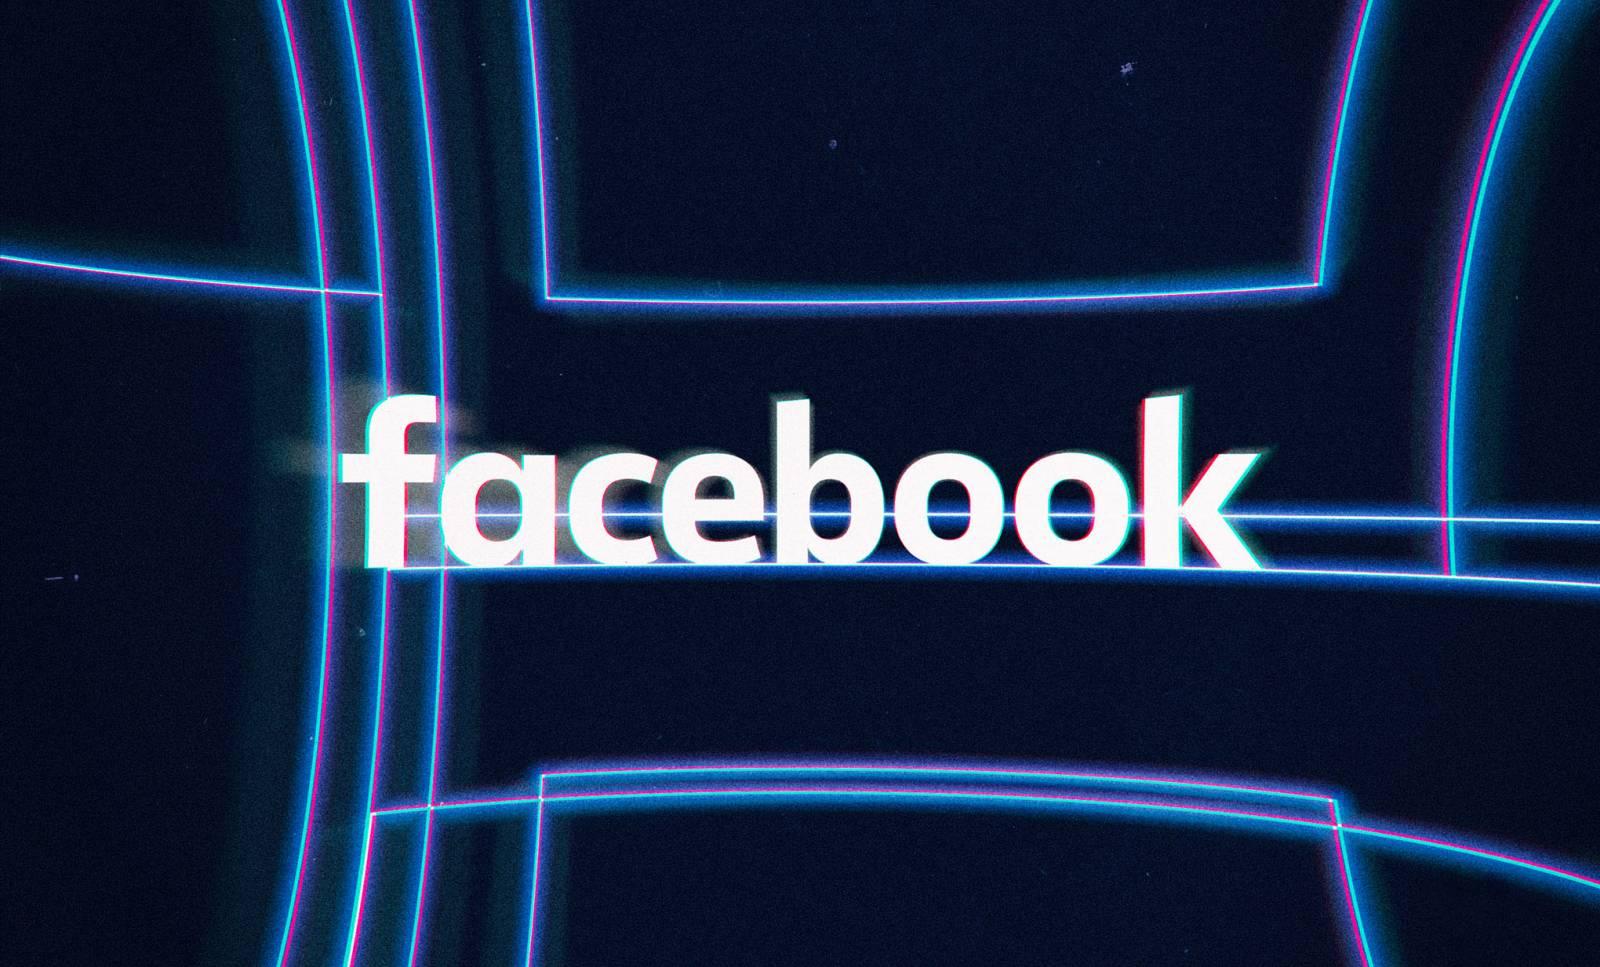 Facebook Actualizarea Utilizatorii Telefoane Tablete